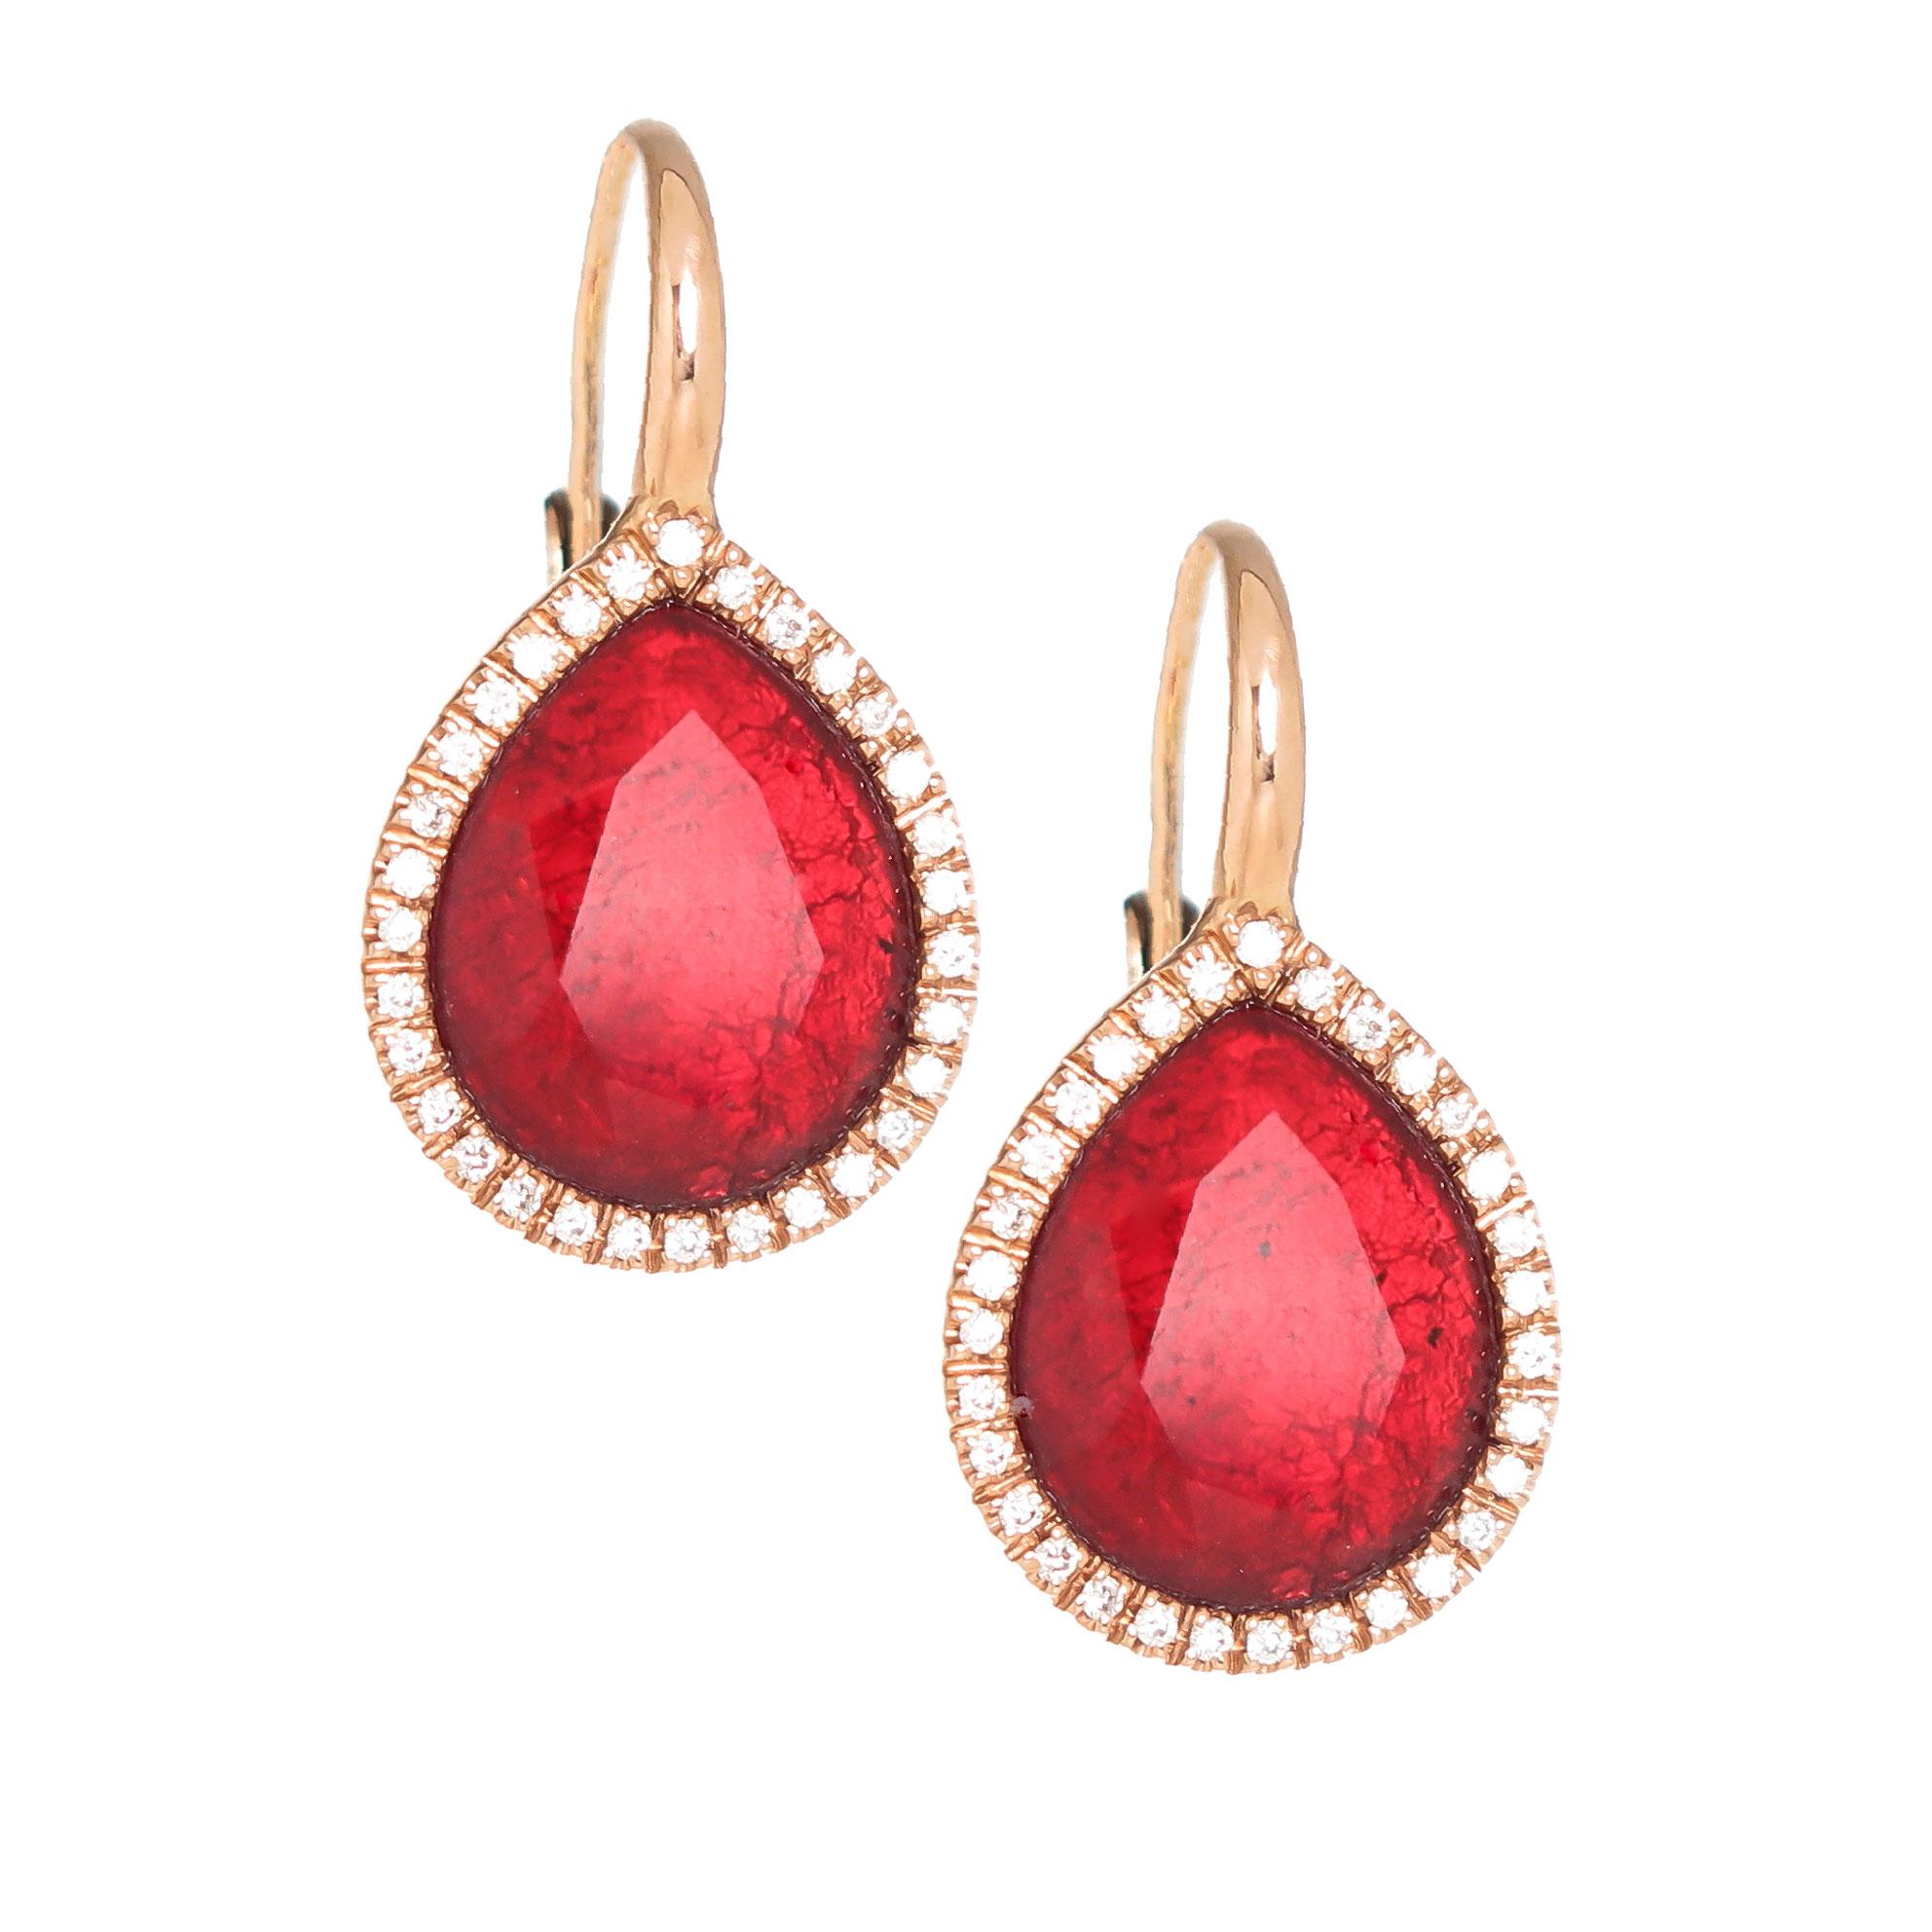 DH-earrings-06272017-2.jpg